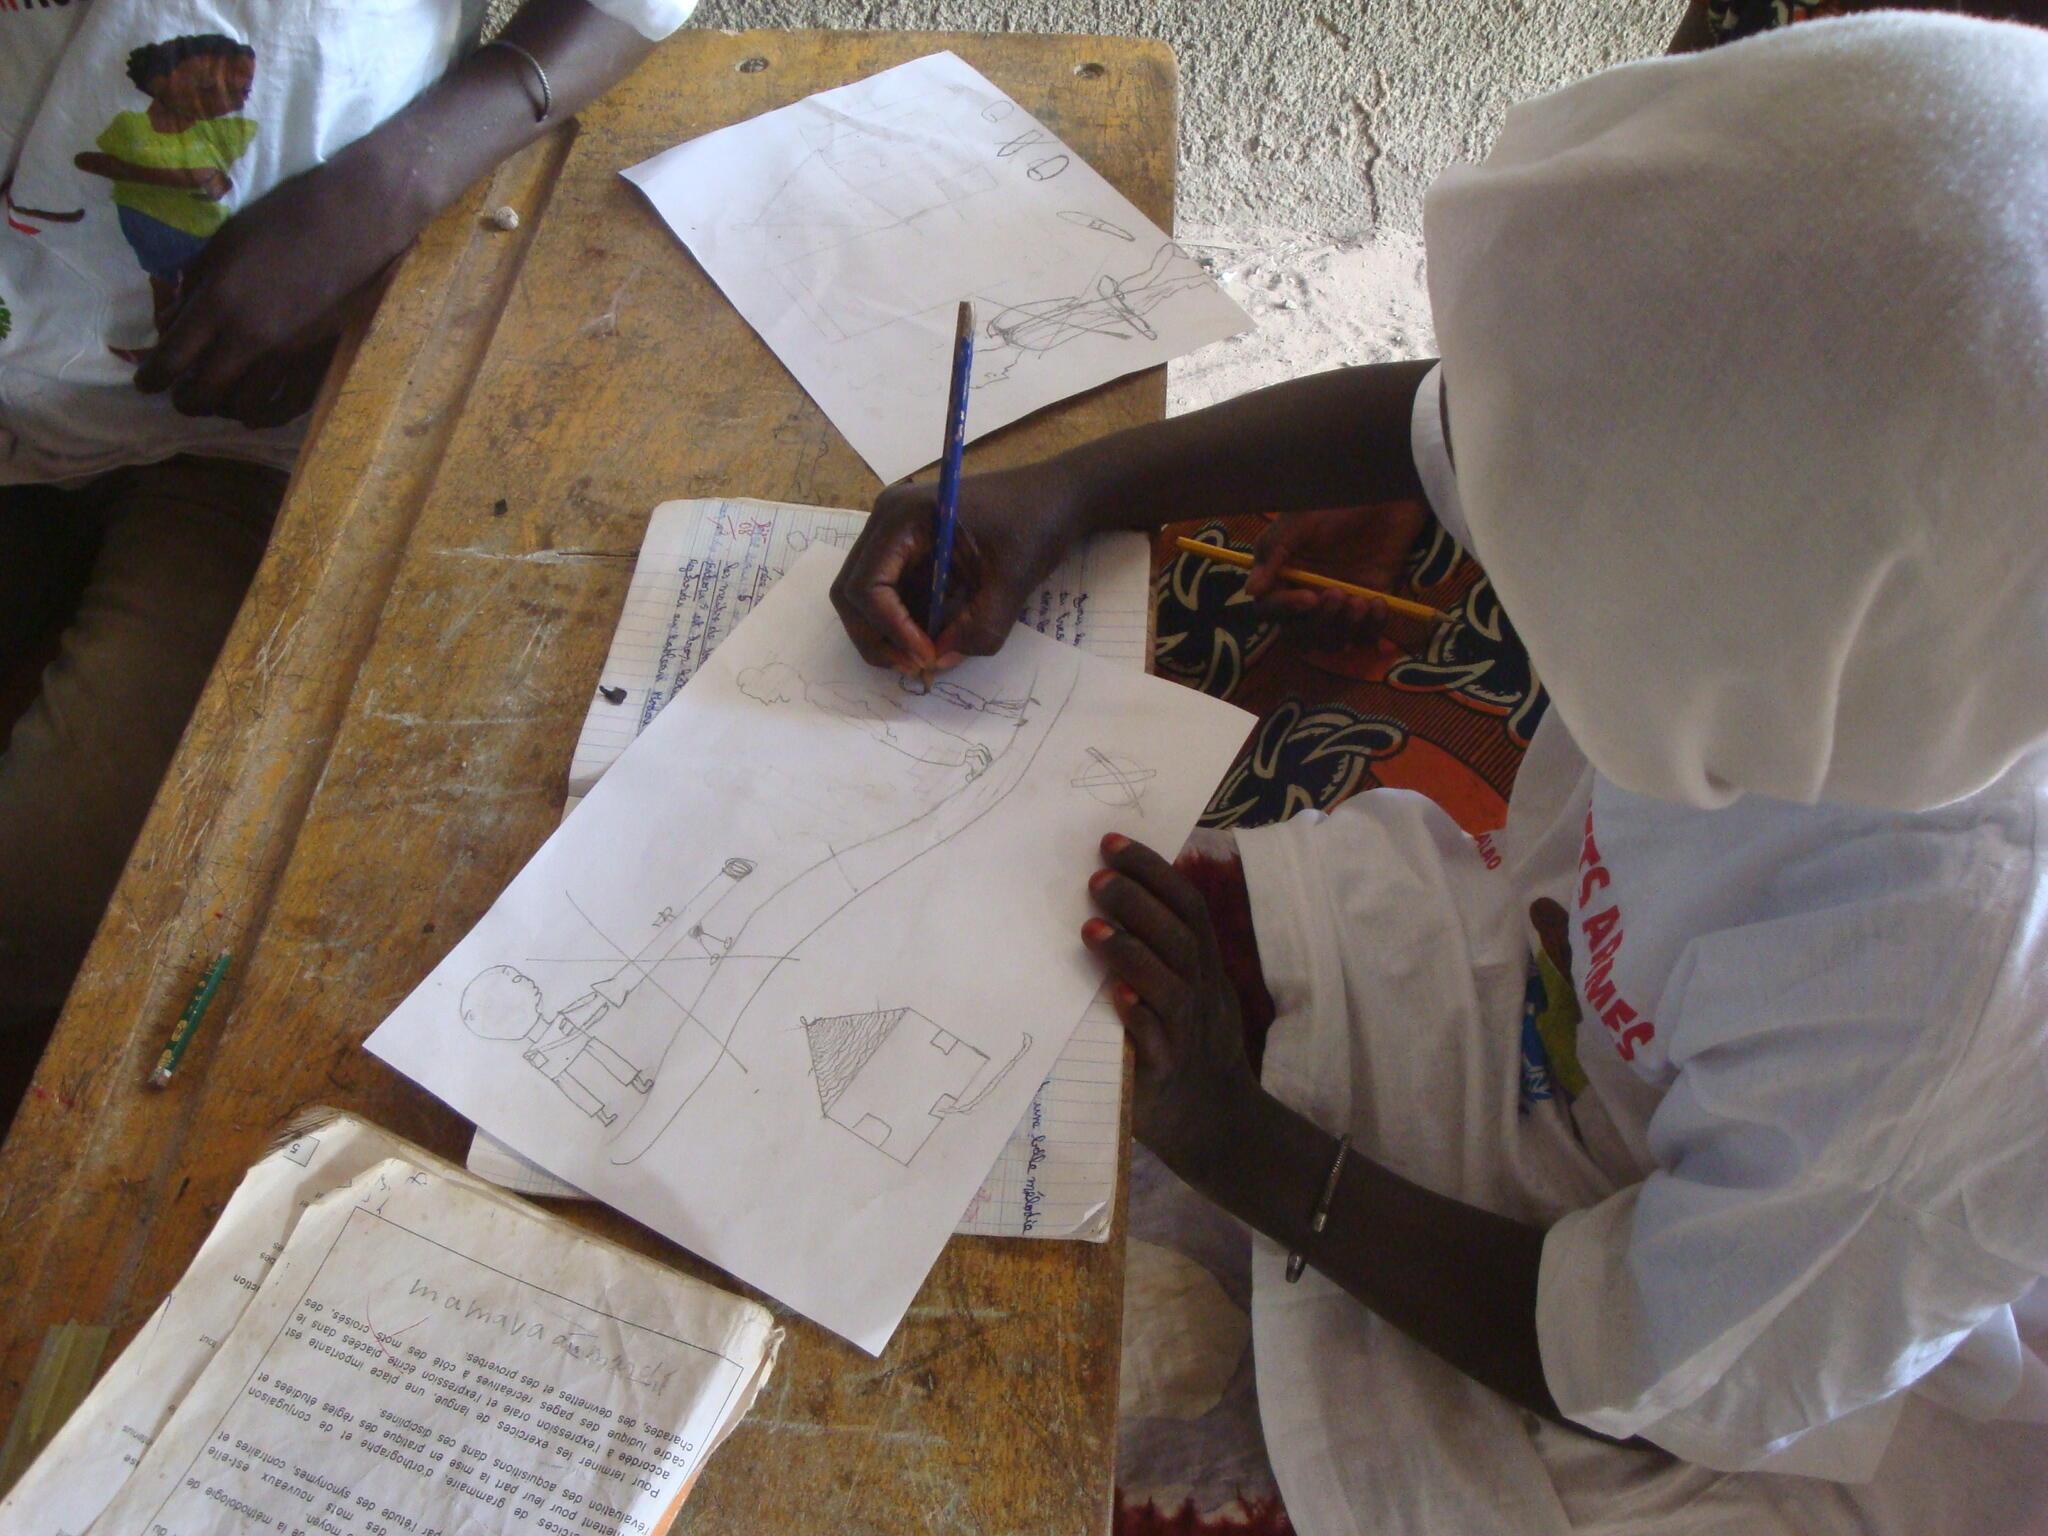 wata daliba yar sakandre a yankin Casamance na Senegal